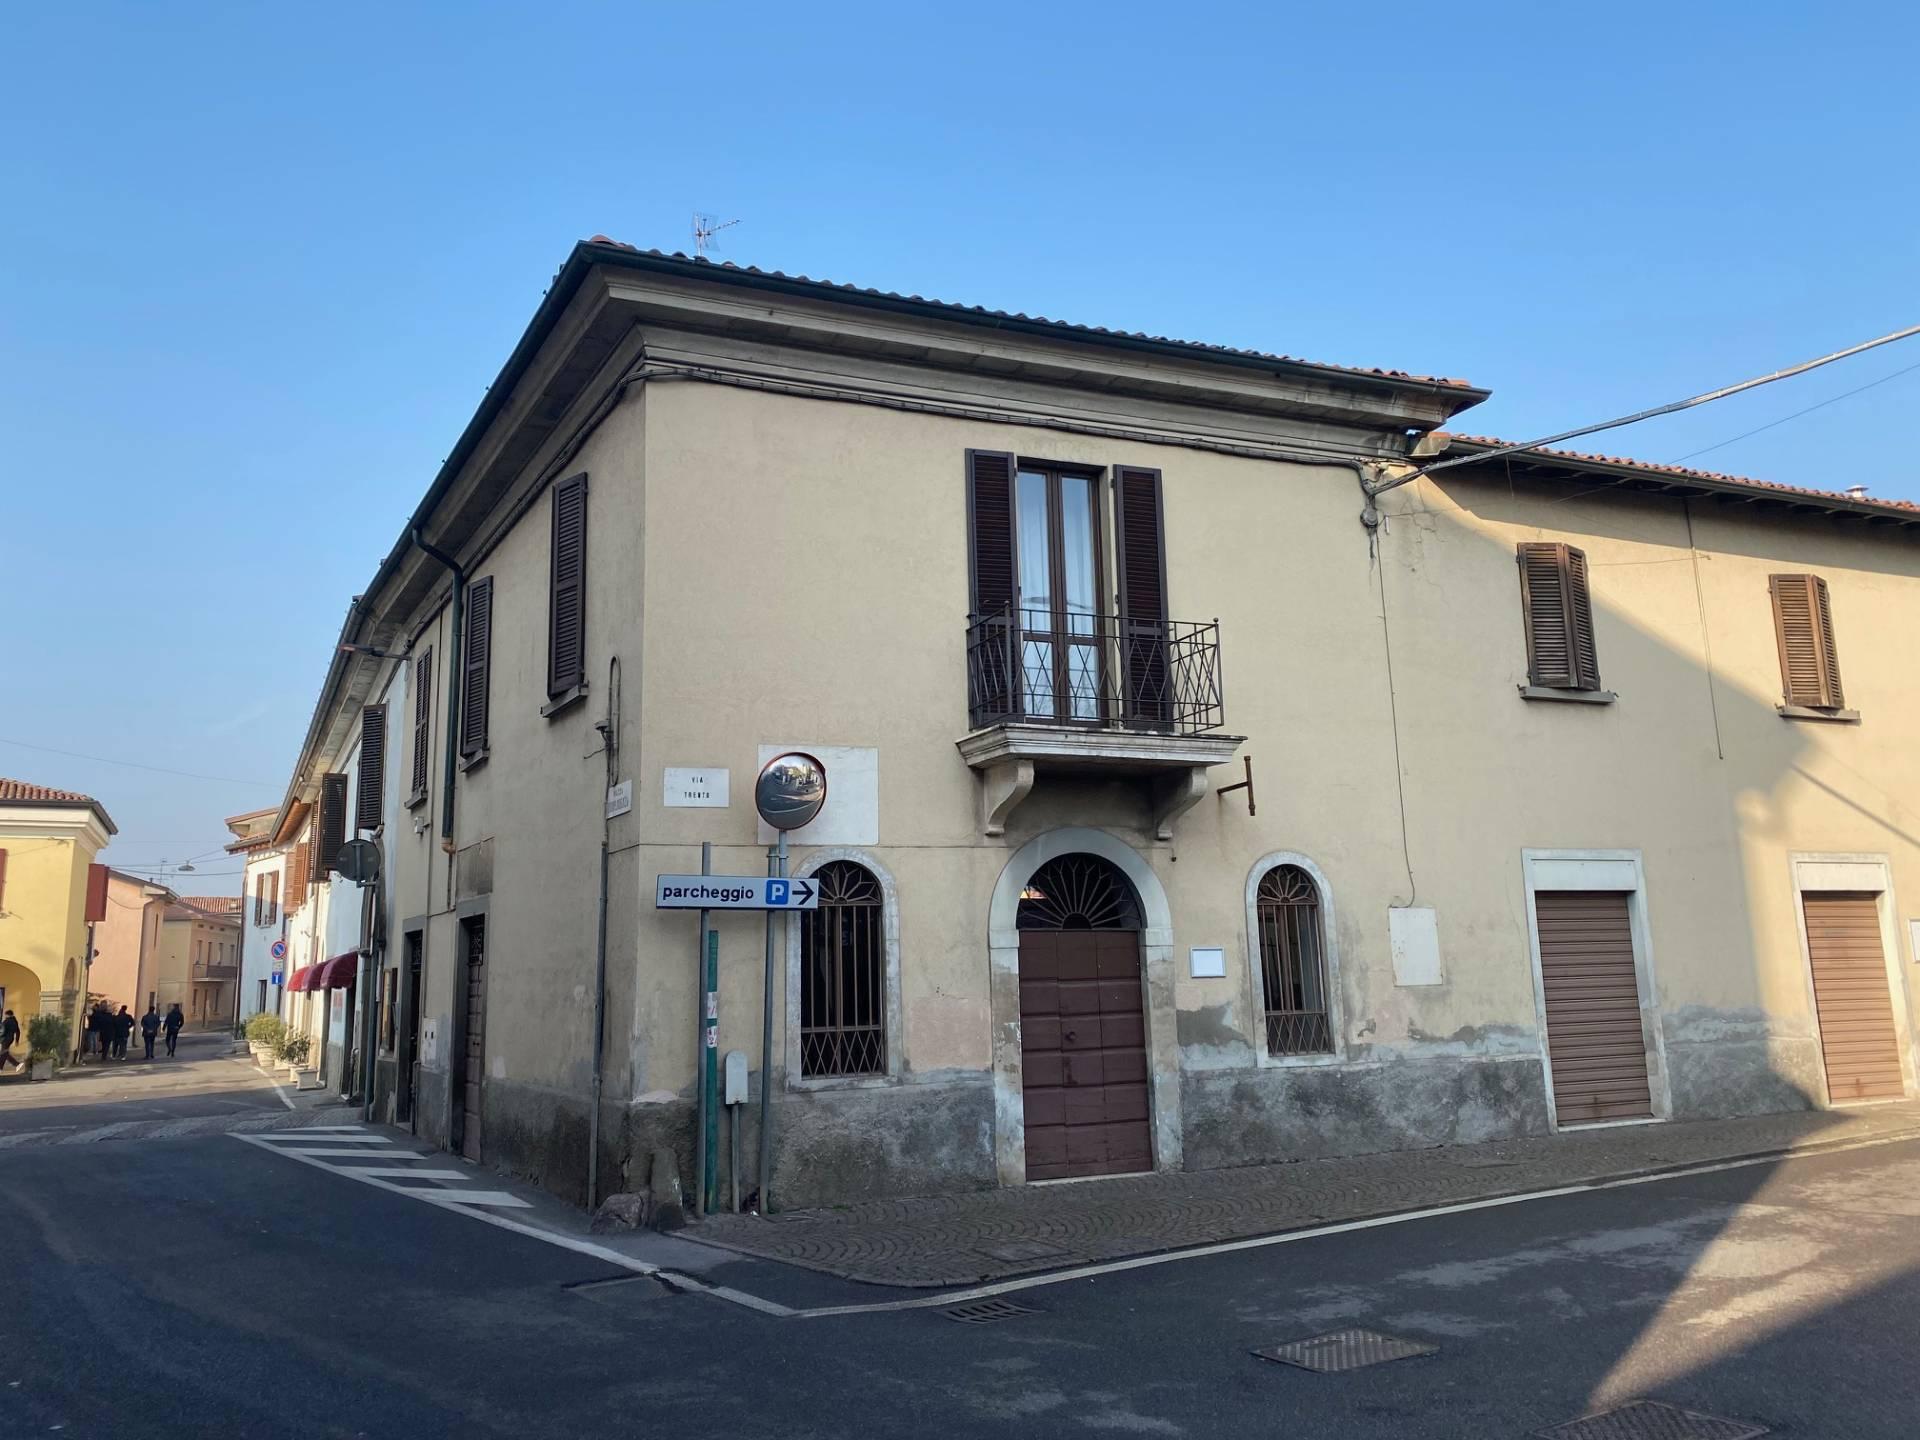 Appartamento in vendita a Palazzolo sull'Oglio, 4 locali, prezzo € 120.000 | PortaleAgenzieImmobiliari.it